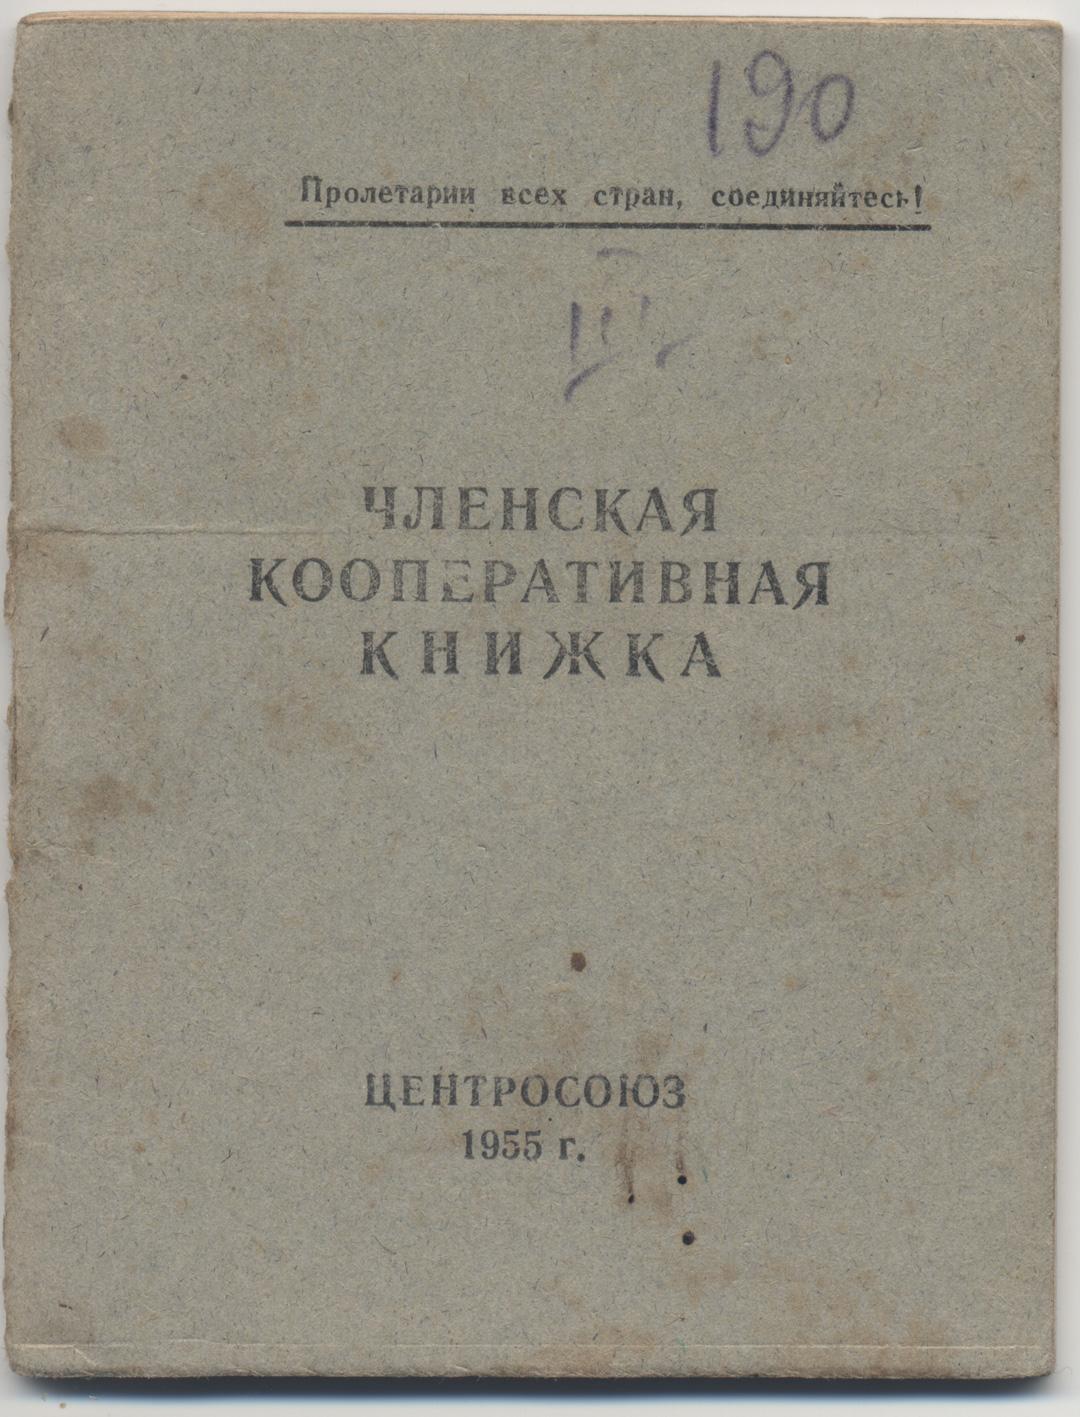 Членская кооперативная-книжка